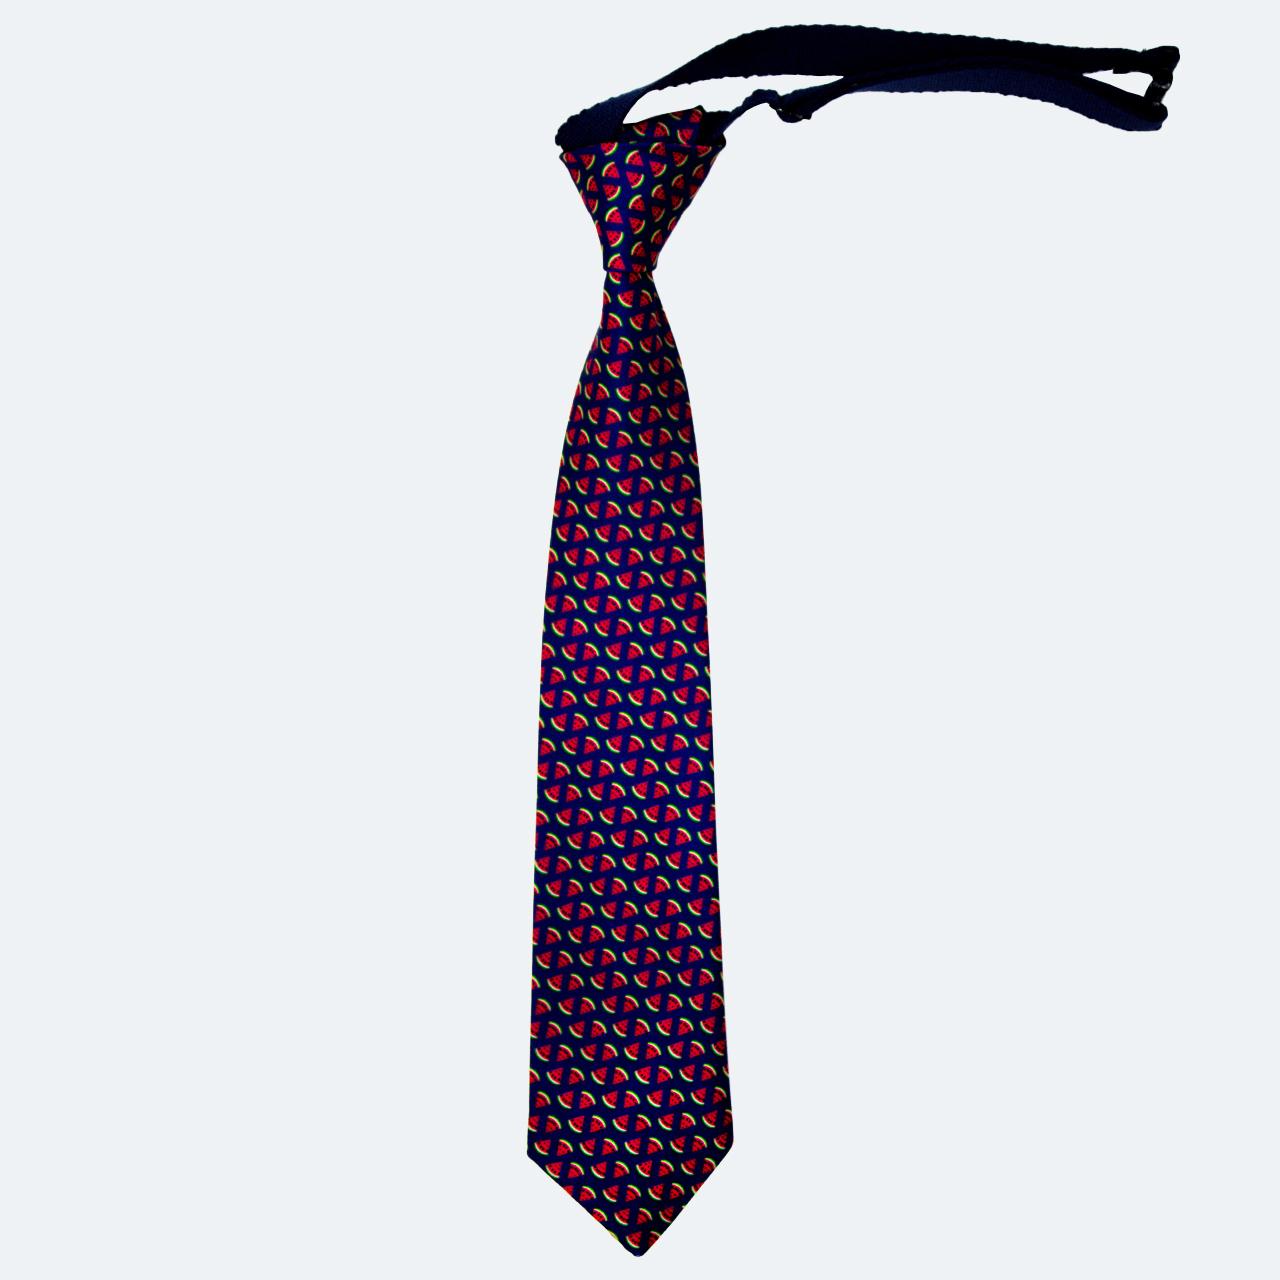 کراوات پسرانه مدل هندوانه کد ۱۰۳۳۰